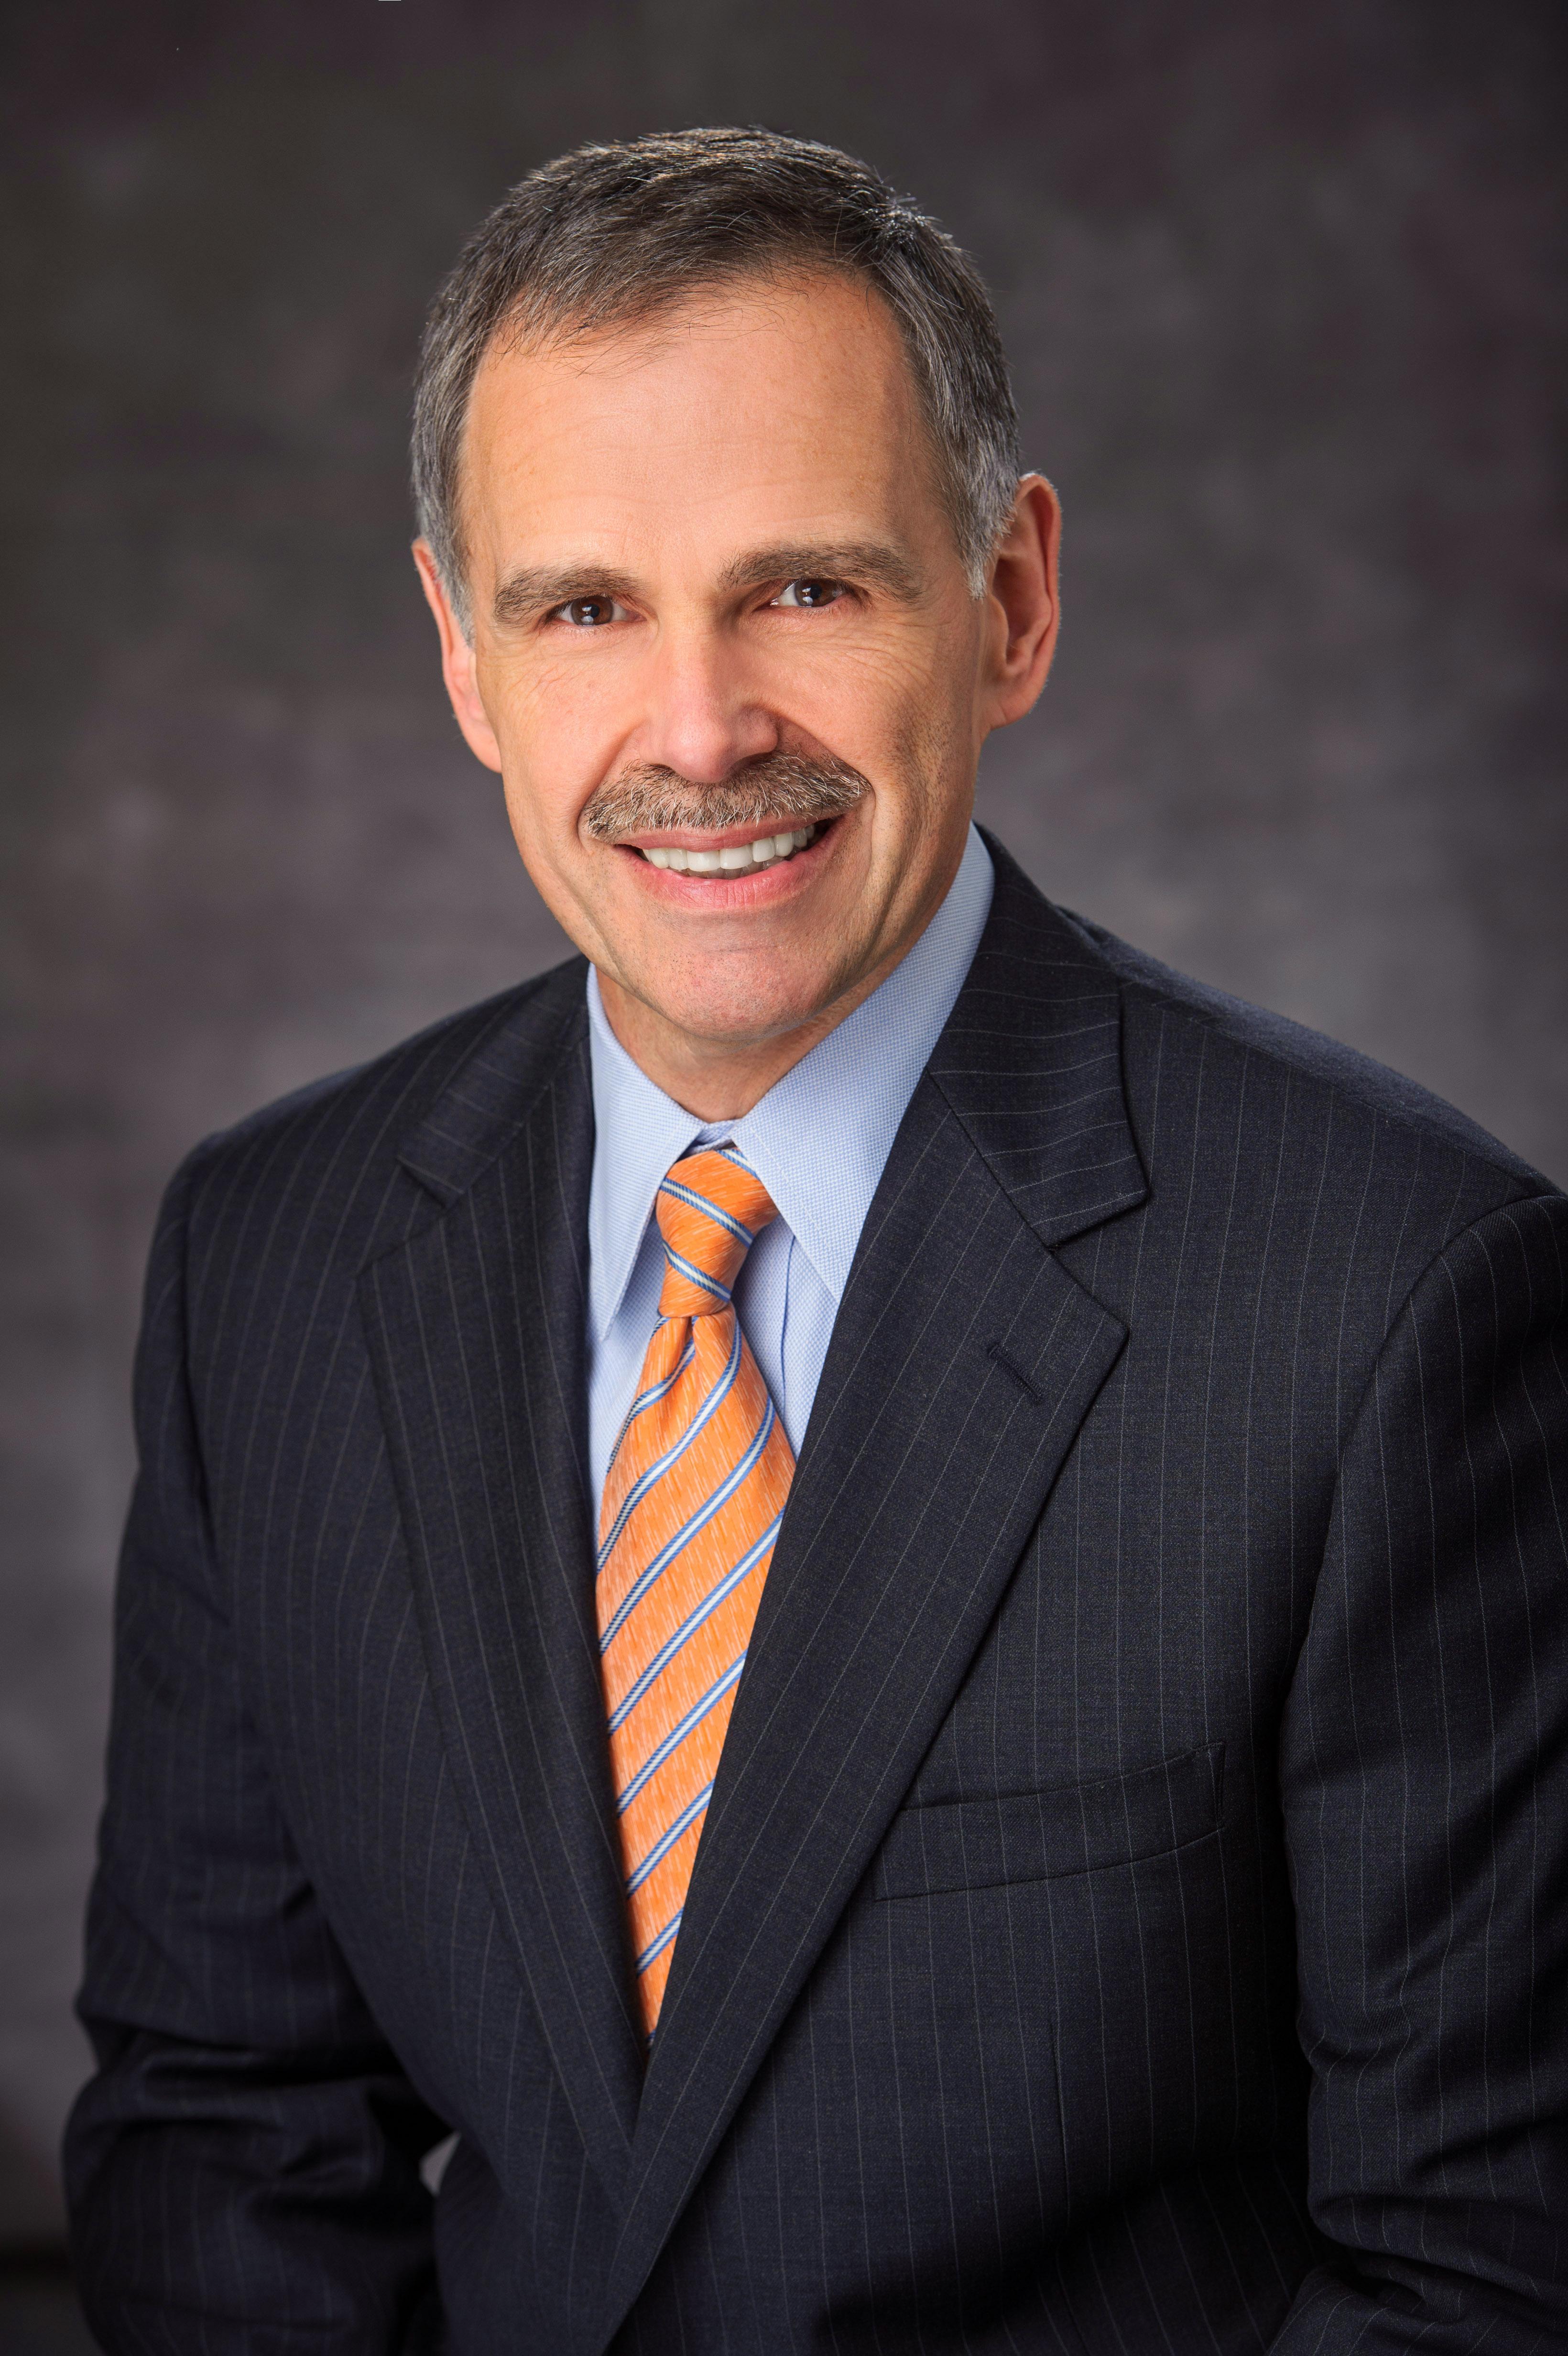 Brixmor CFO Michael Pappagallo